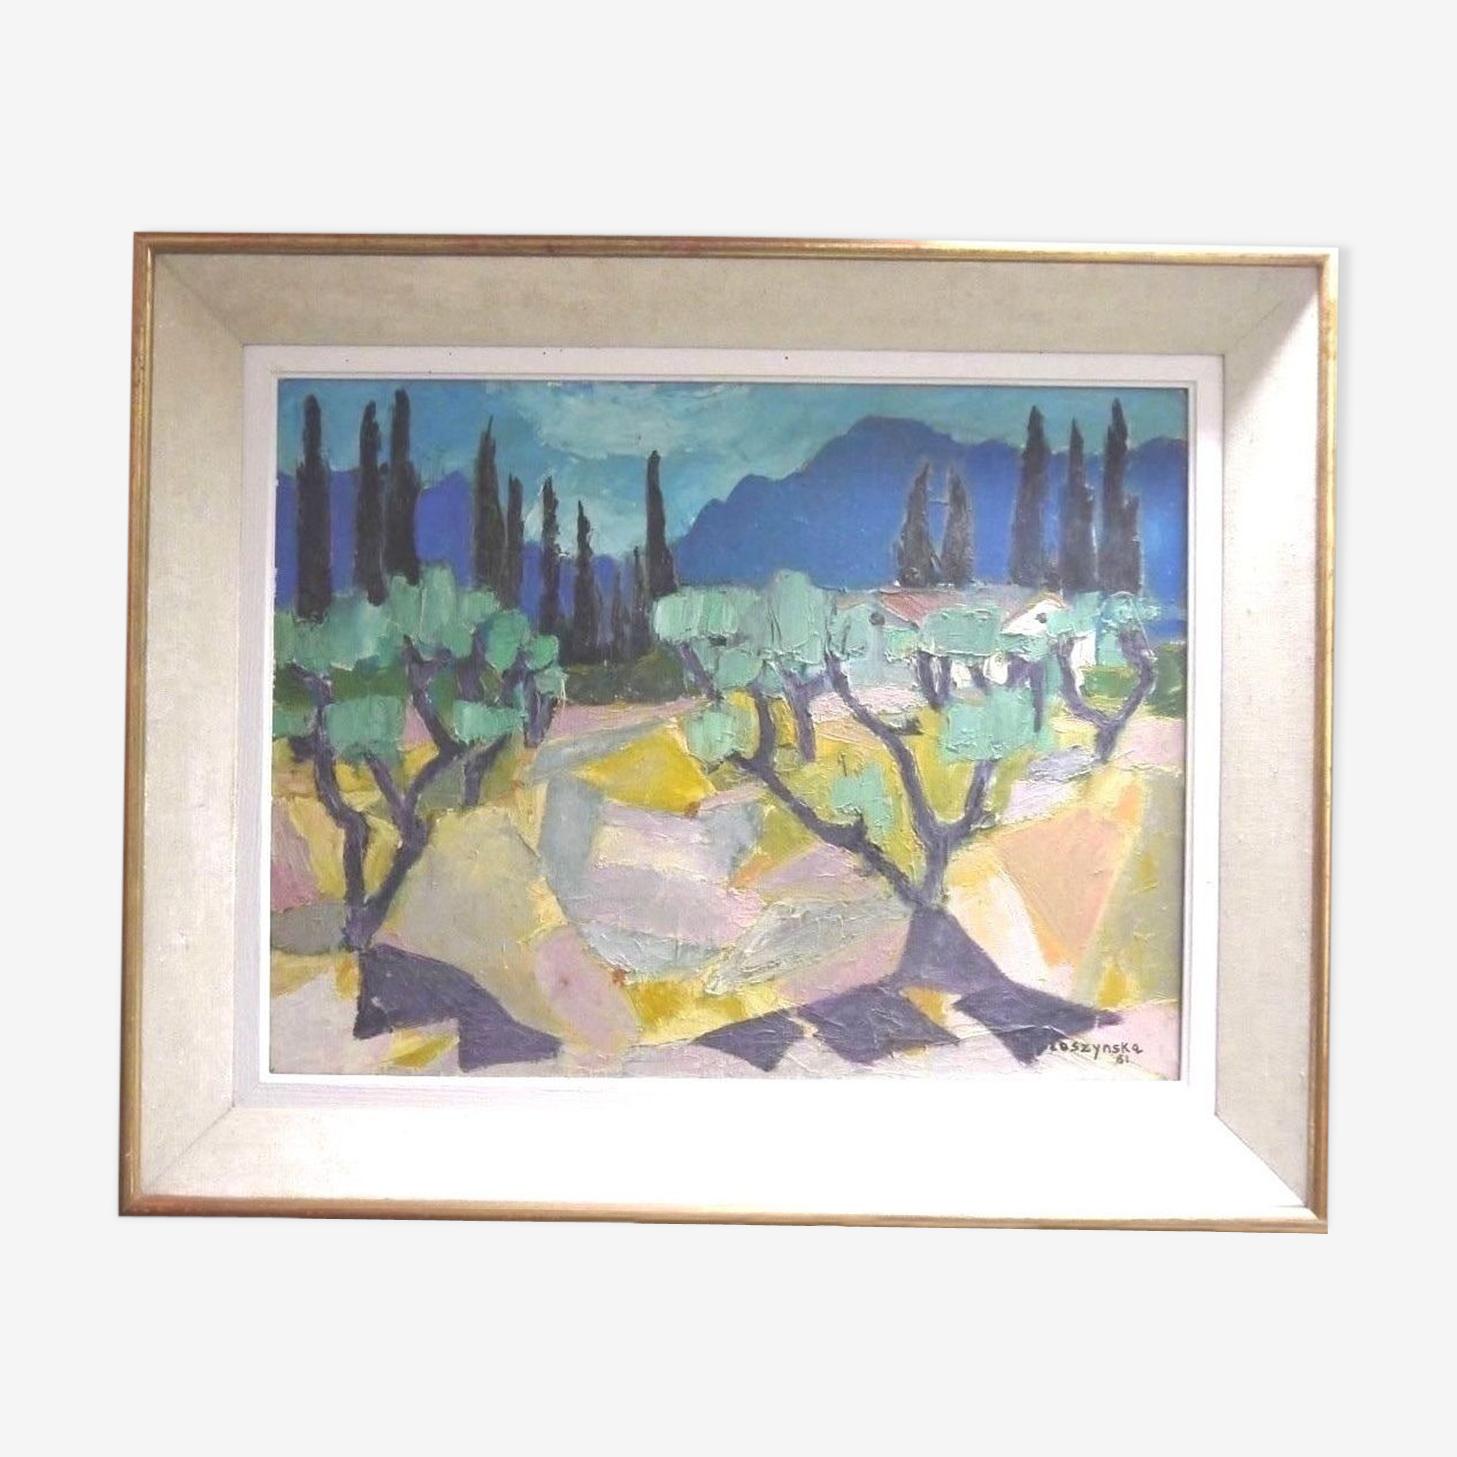 Huile sur toile par Annie Proszynska 1961 composition paysage abstrait